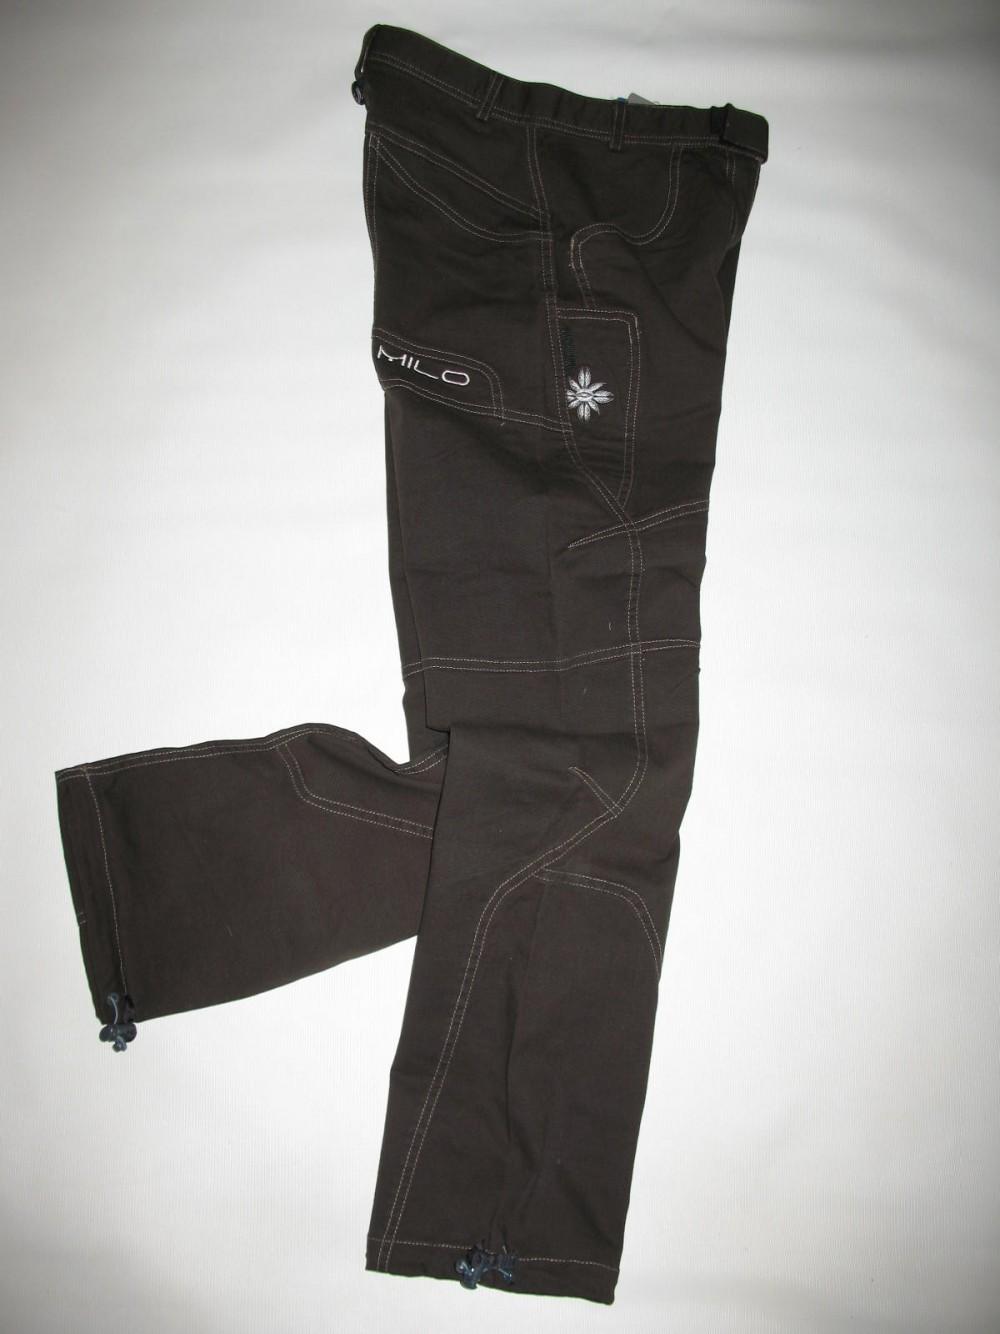 Штаны MILO loyc pants lady (размер S) - 4